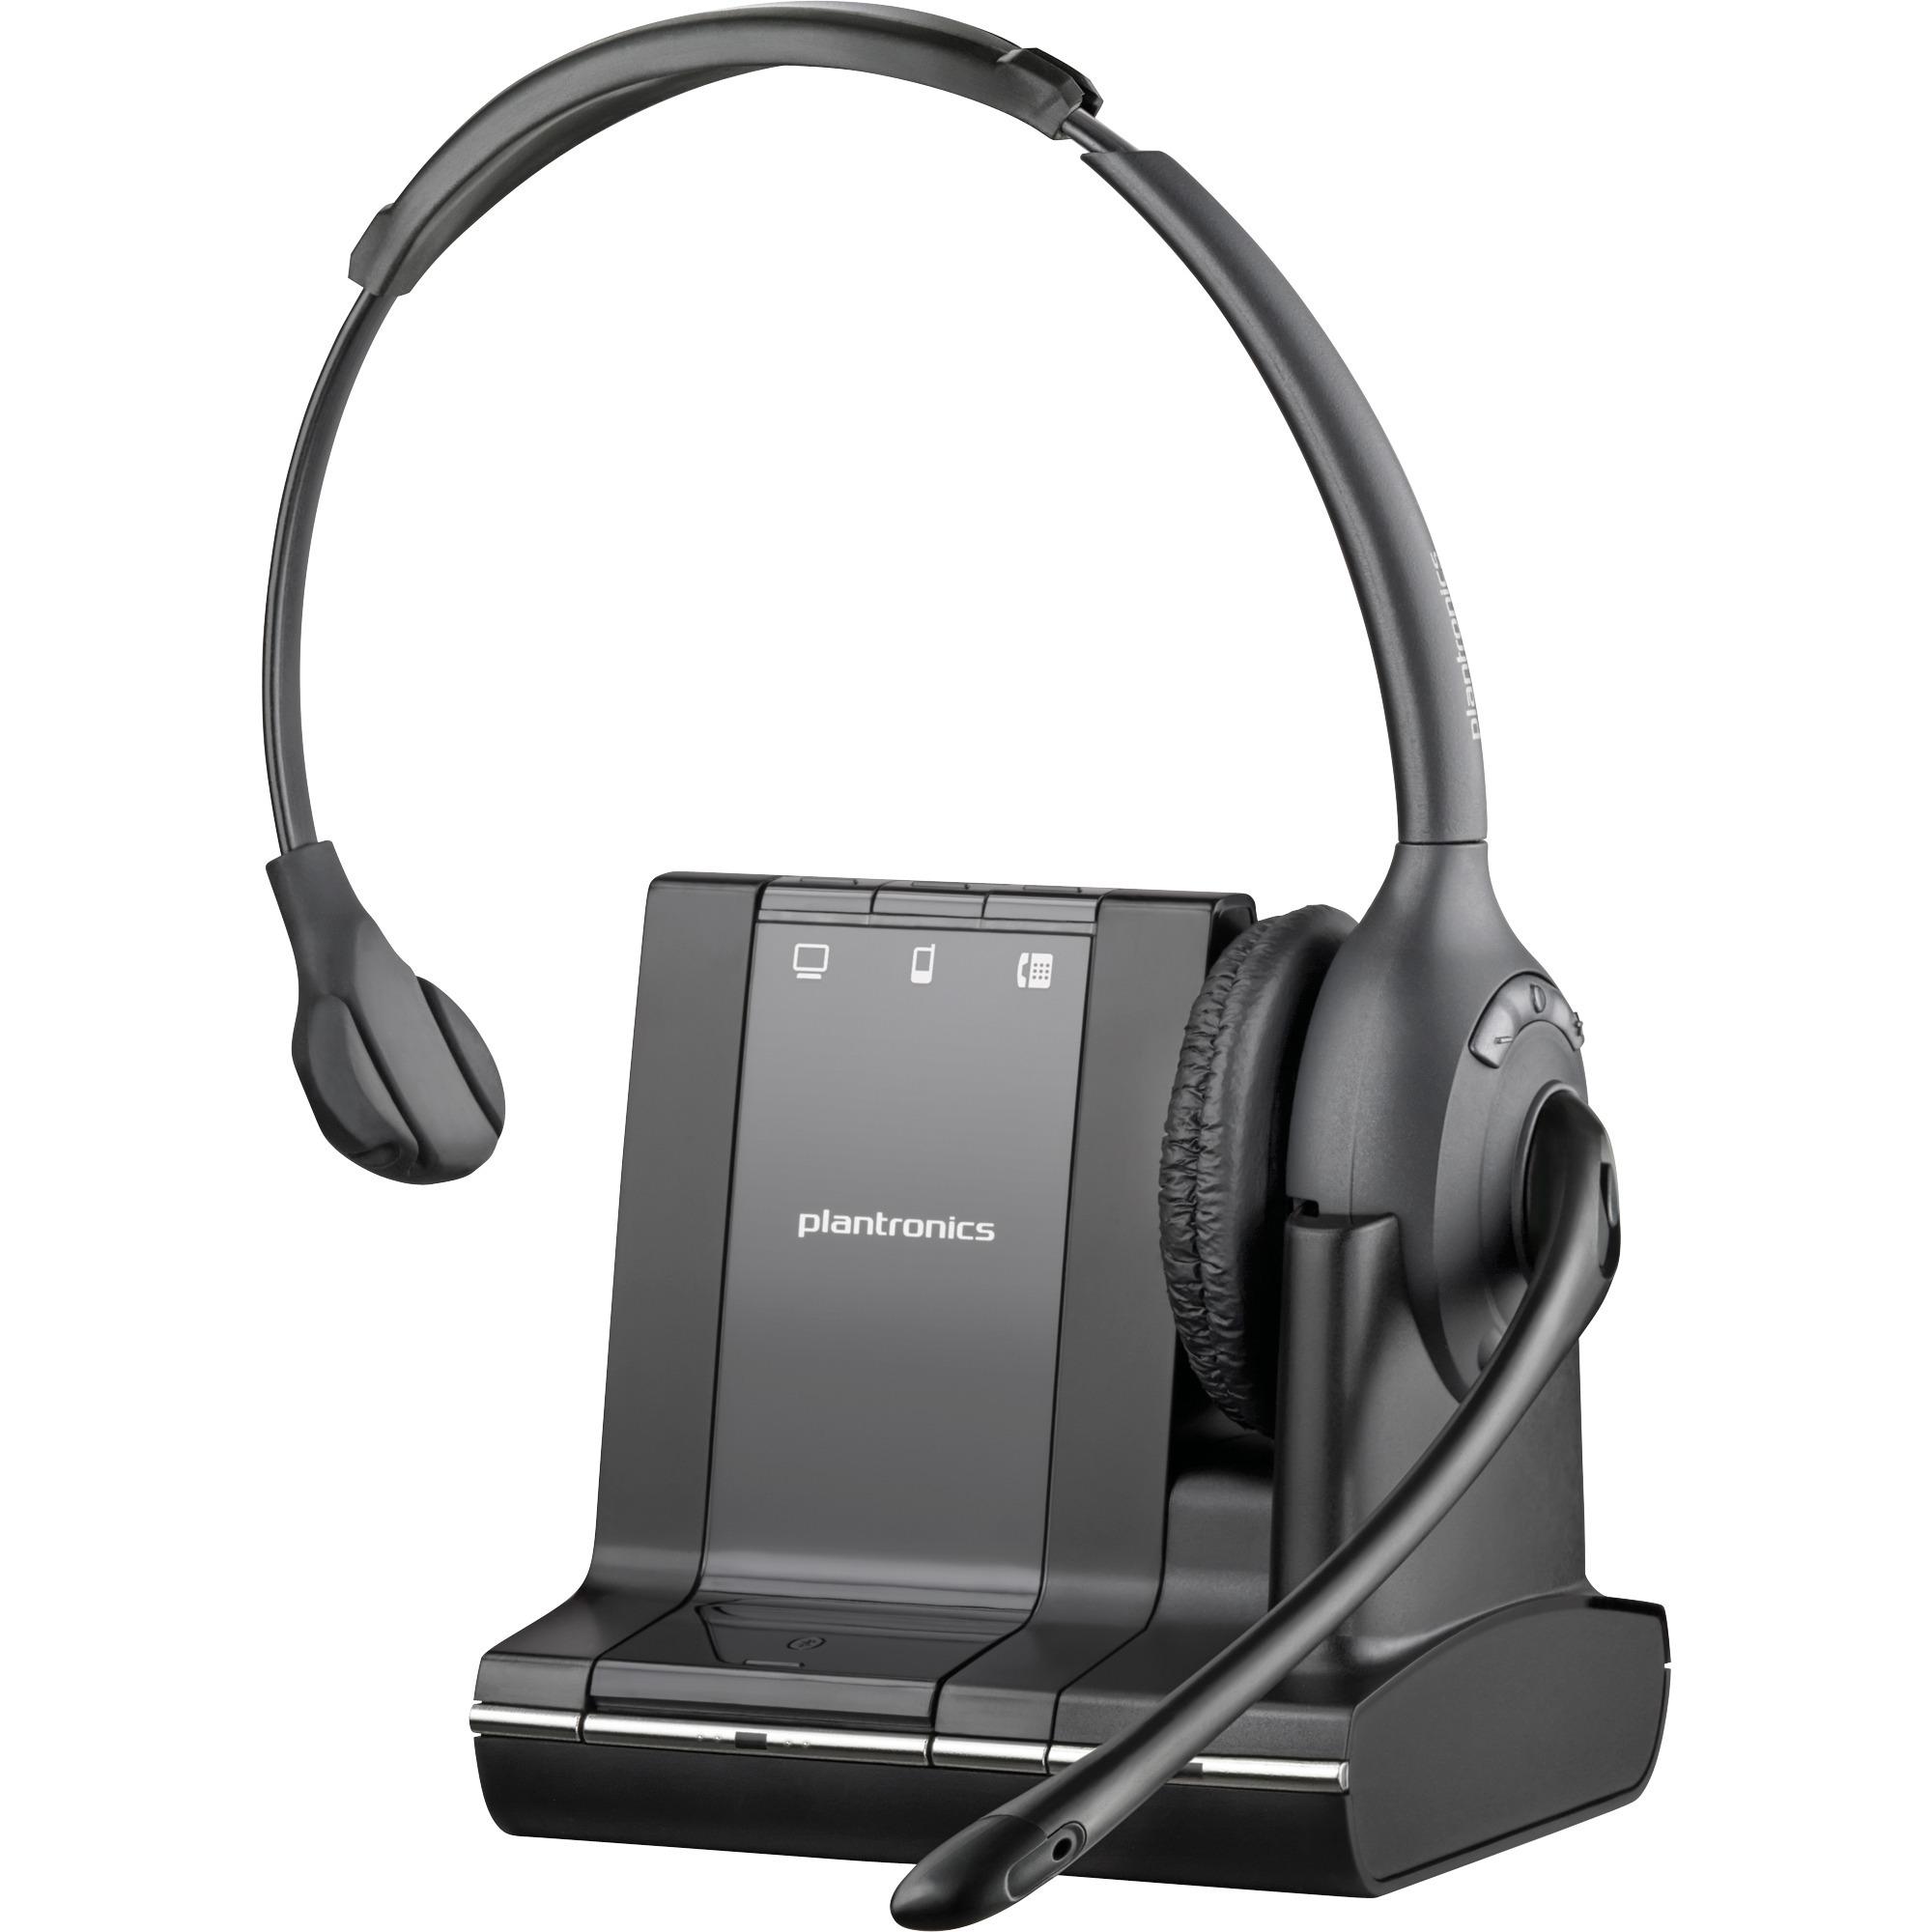 SAVI W710-M Monophonique Bandeau Noir Casque audio, Casque d'écoute